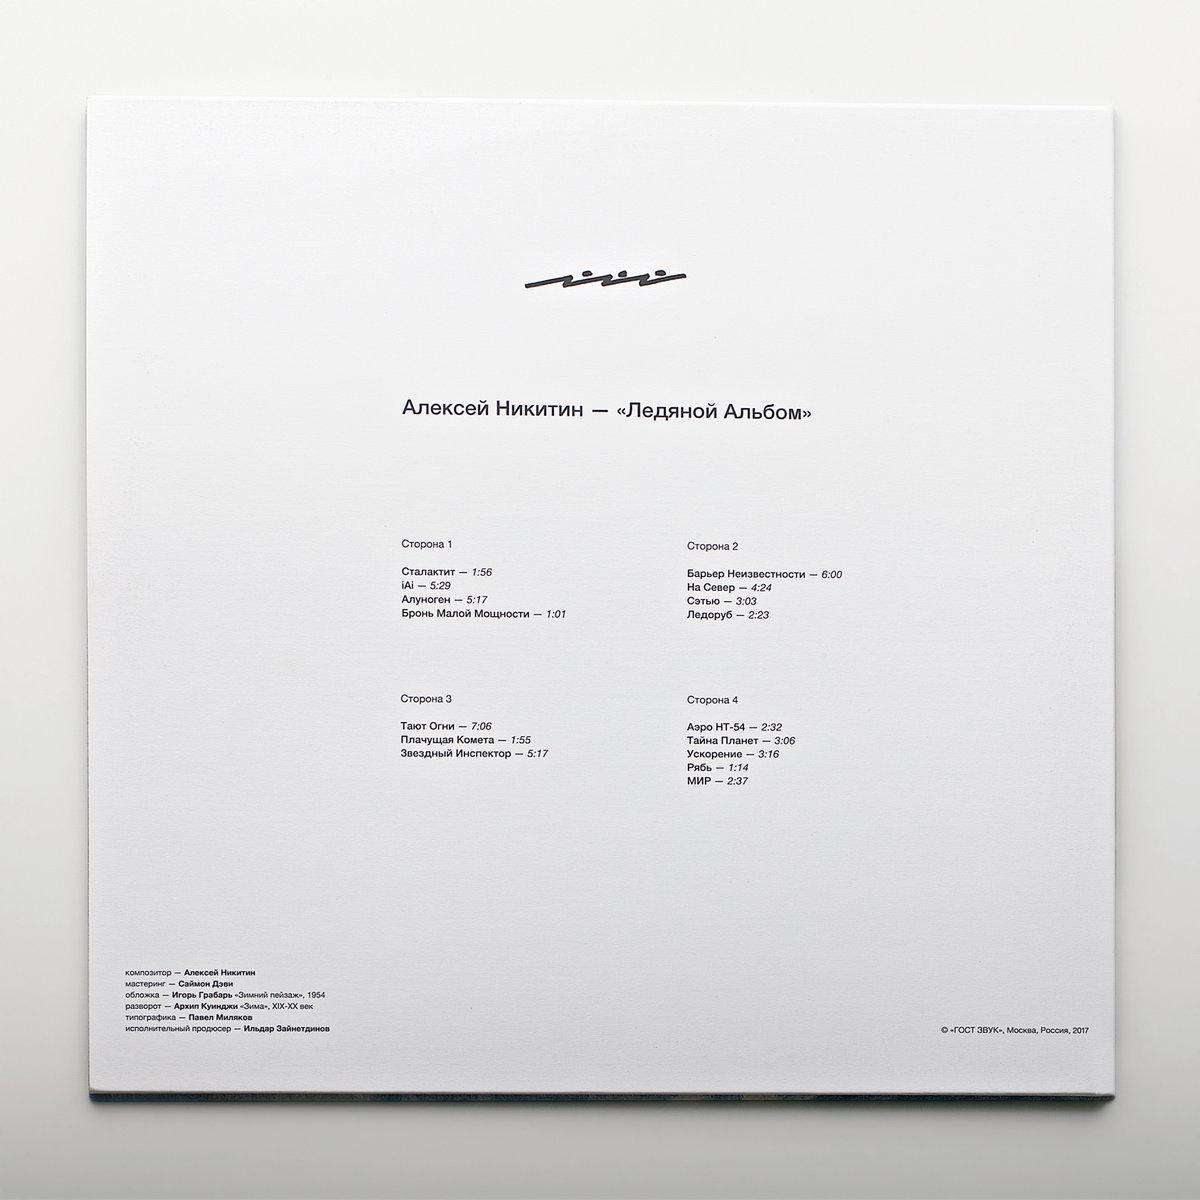 Никитины альбом скачать бесплатно mp3